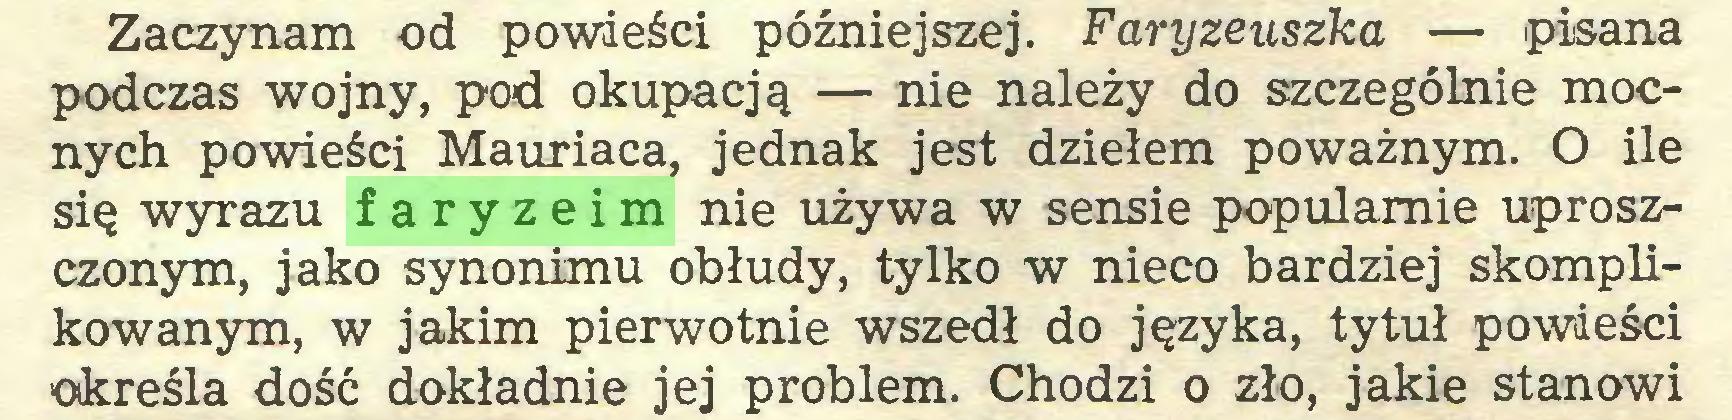 (...) Zaczynam od powieści późniejszej. Faryzeuszka — pisana podczas wojny, pod okupacją — nie należy do szczególnie mocnych powieści Mauriaca, jednak jest dziełem poważnym. O ile się wyrazu faryzeim nie używa w sensie popularnie uproszczonym, jako synonimu obłudy, tylko w nieco bardziej skomplikowanym, w jakim pierwotnie wszedł do języka, tytuł powieści określa dość dokładnie jej problem. Chodzi o zło, jakie stanowi...